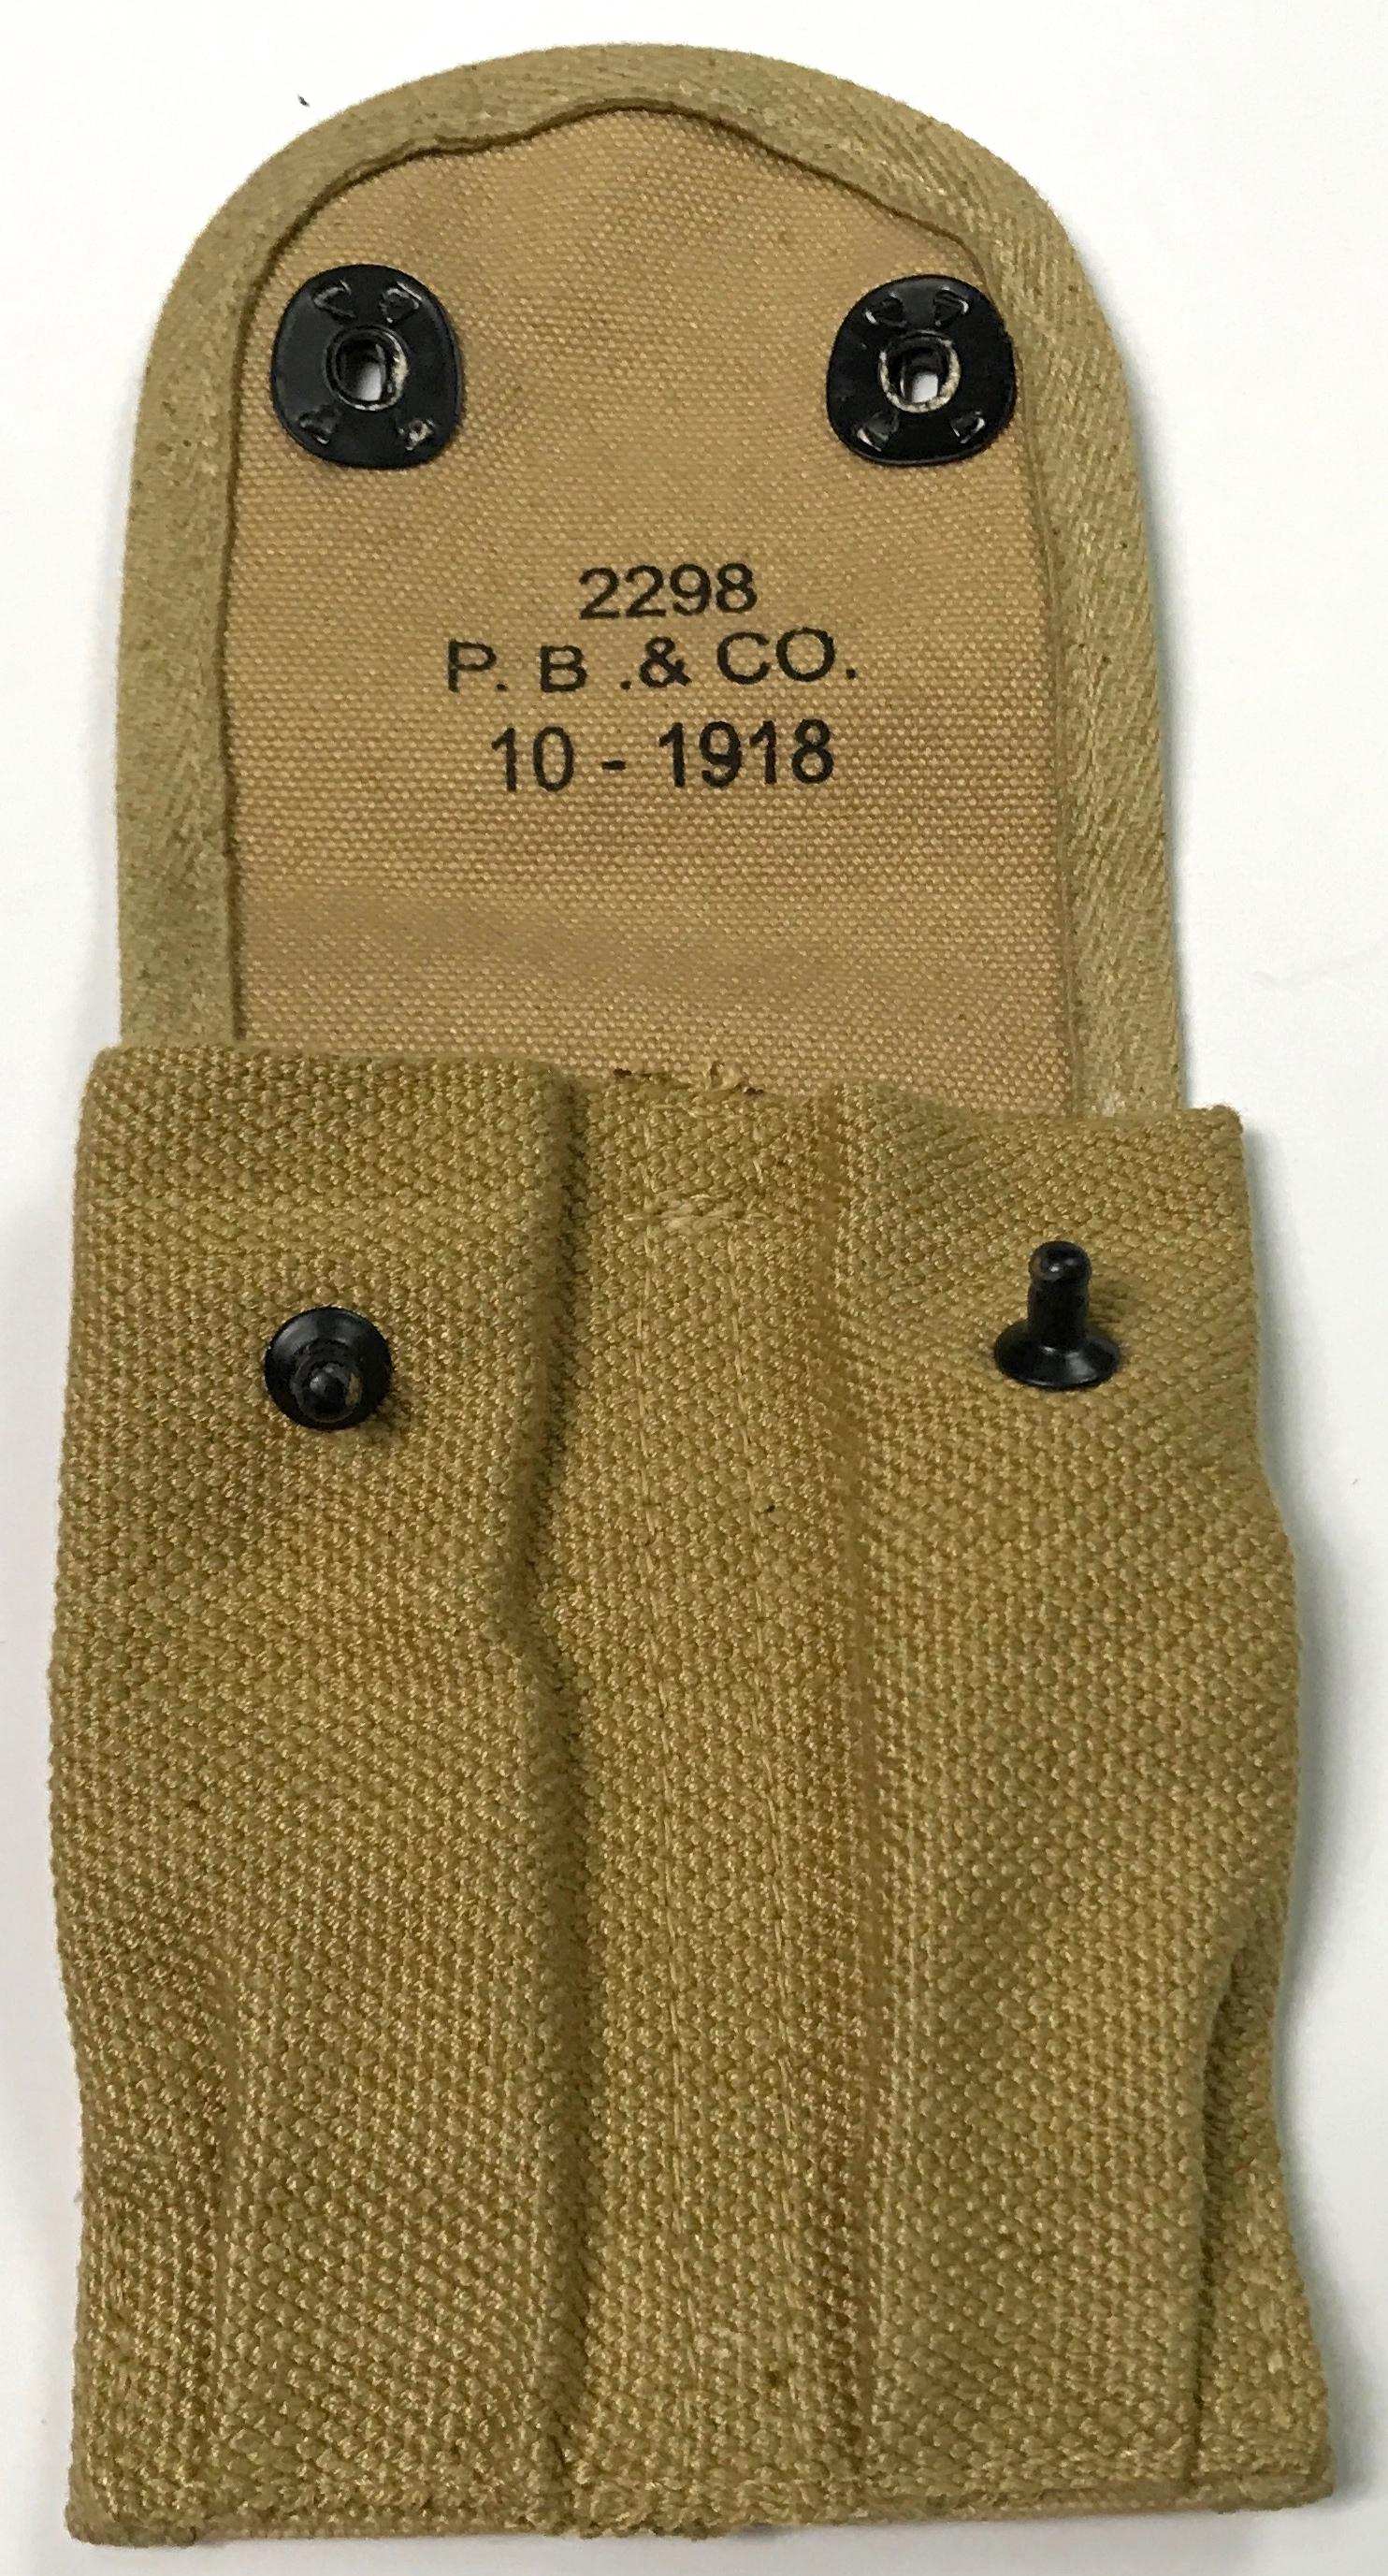 WWI WWII US M1910 .45 PISTOL MAGAZINE AMMO CARRY POUCH-OD#3